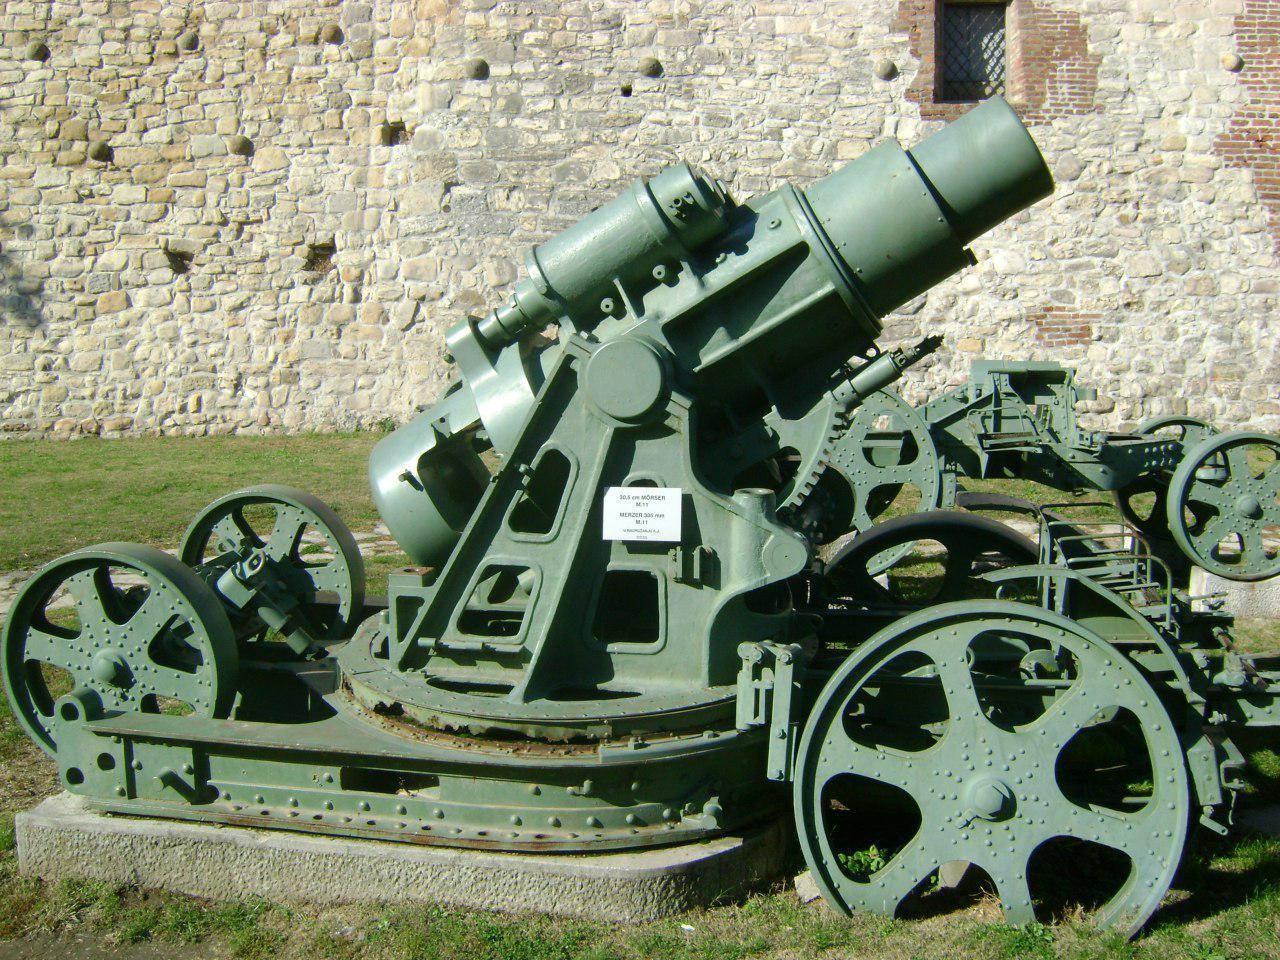 Пушка времен Первой мировой войны у стен крепости Калемегдан в Белграде